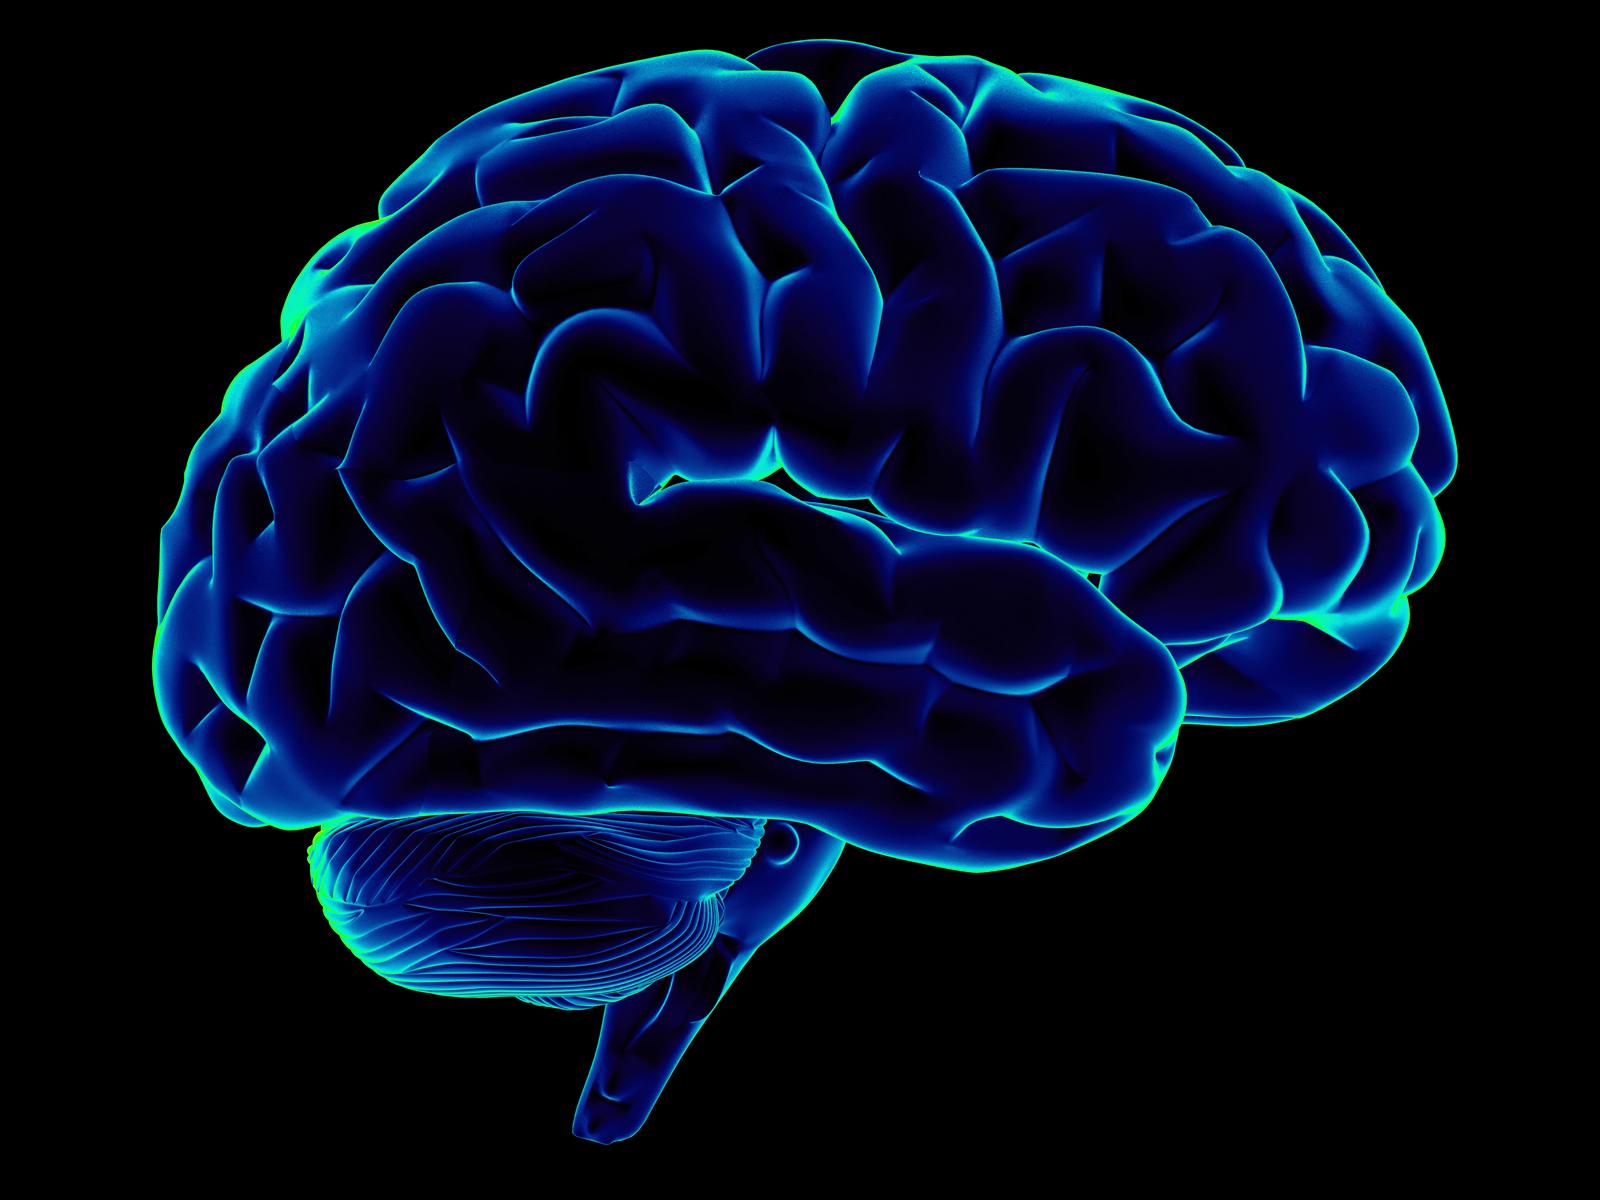 Forskning om hjernerystelse